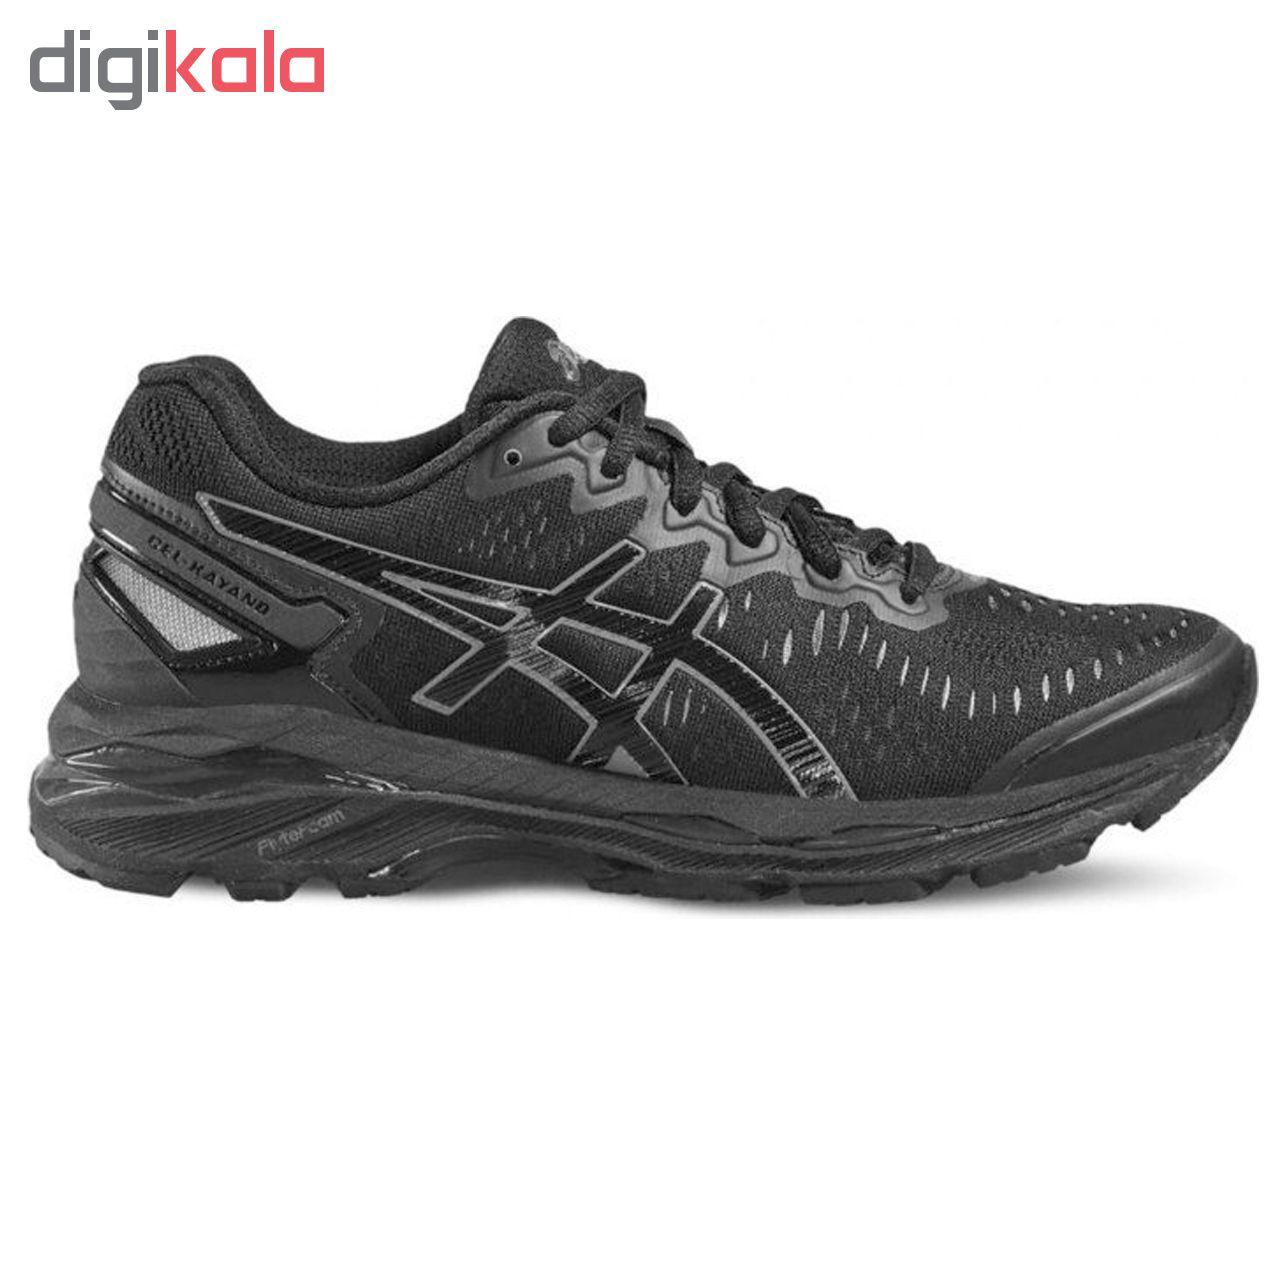 کفش مخصوص دویدن زنانه اسیکس مدل gel kayano کد T696